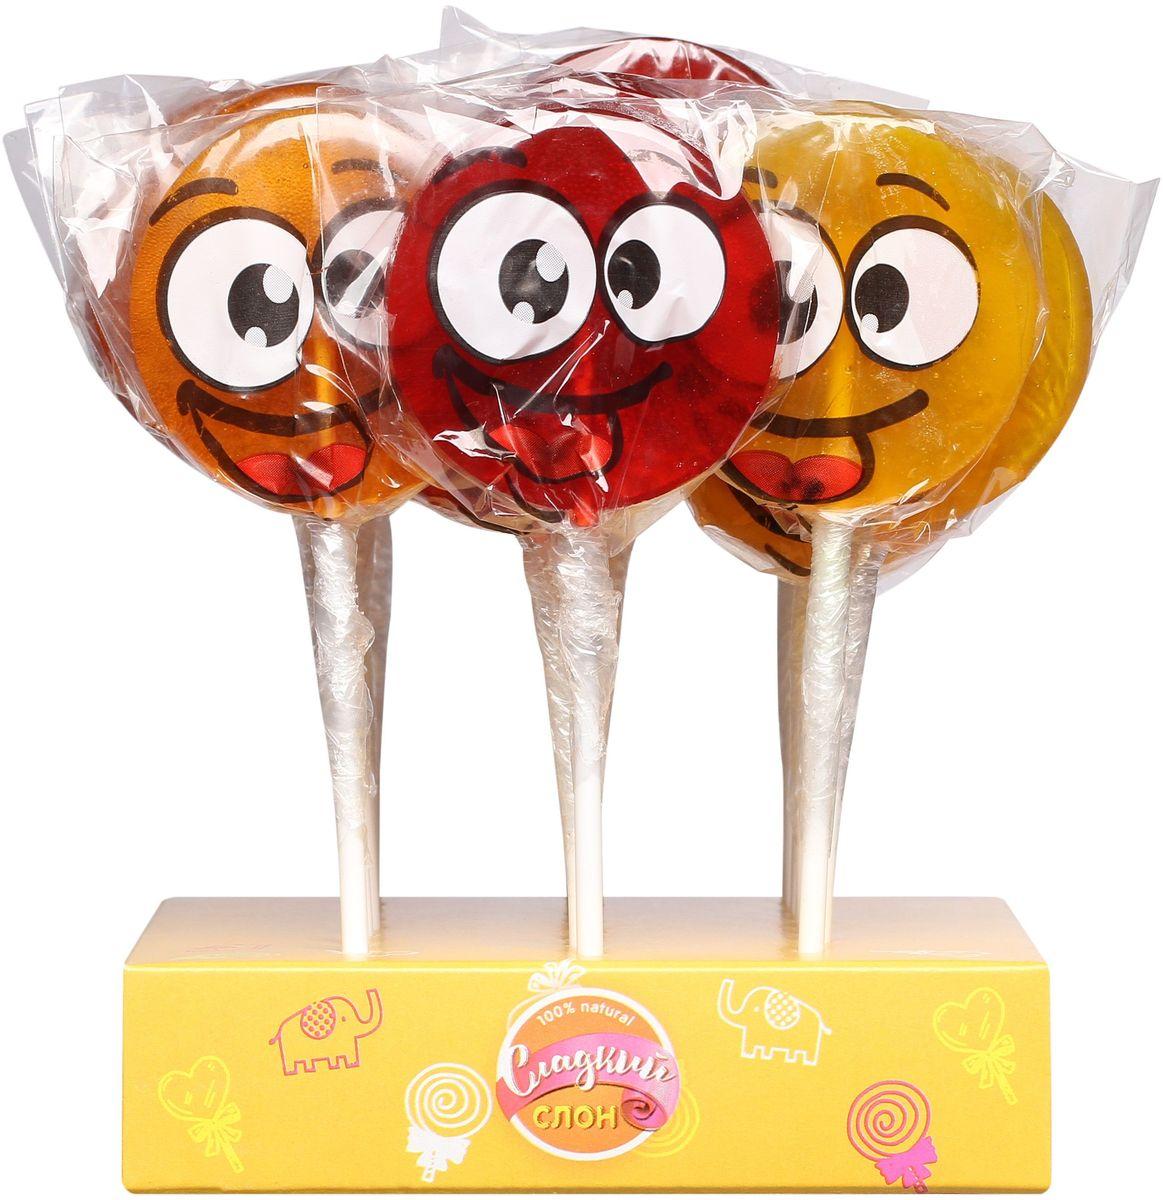 Сладкий слон карамель леденцовая смайлик ассорти, 30 г4670013498543Порадуйте себя и детей карамелью Смайлик. Вкусы клубники, апельсина и ананас в блоке из 24 штук.